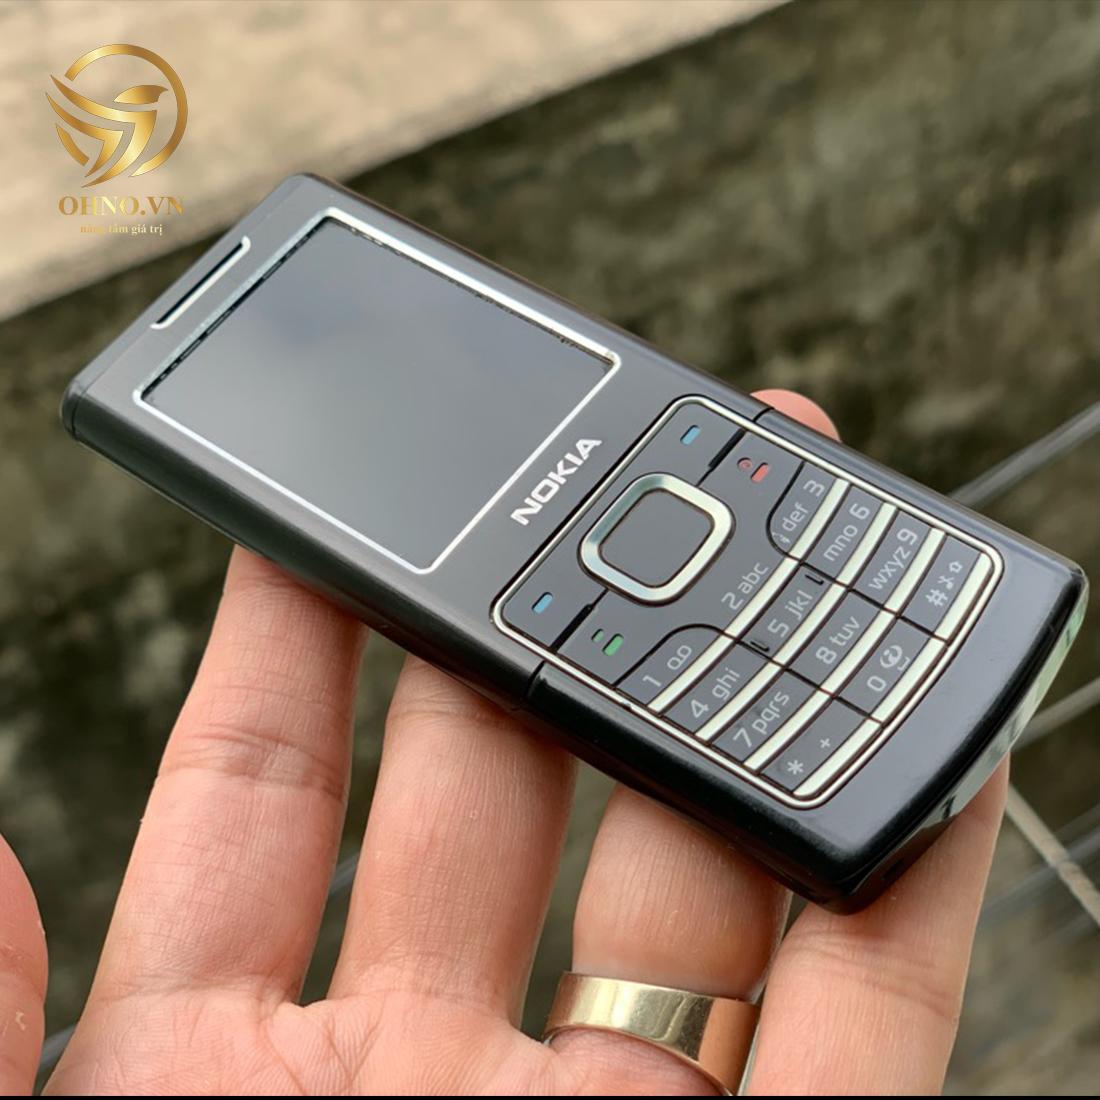 Điện thoại Nokia siêu mỏng 6500 chính hãng